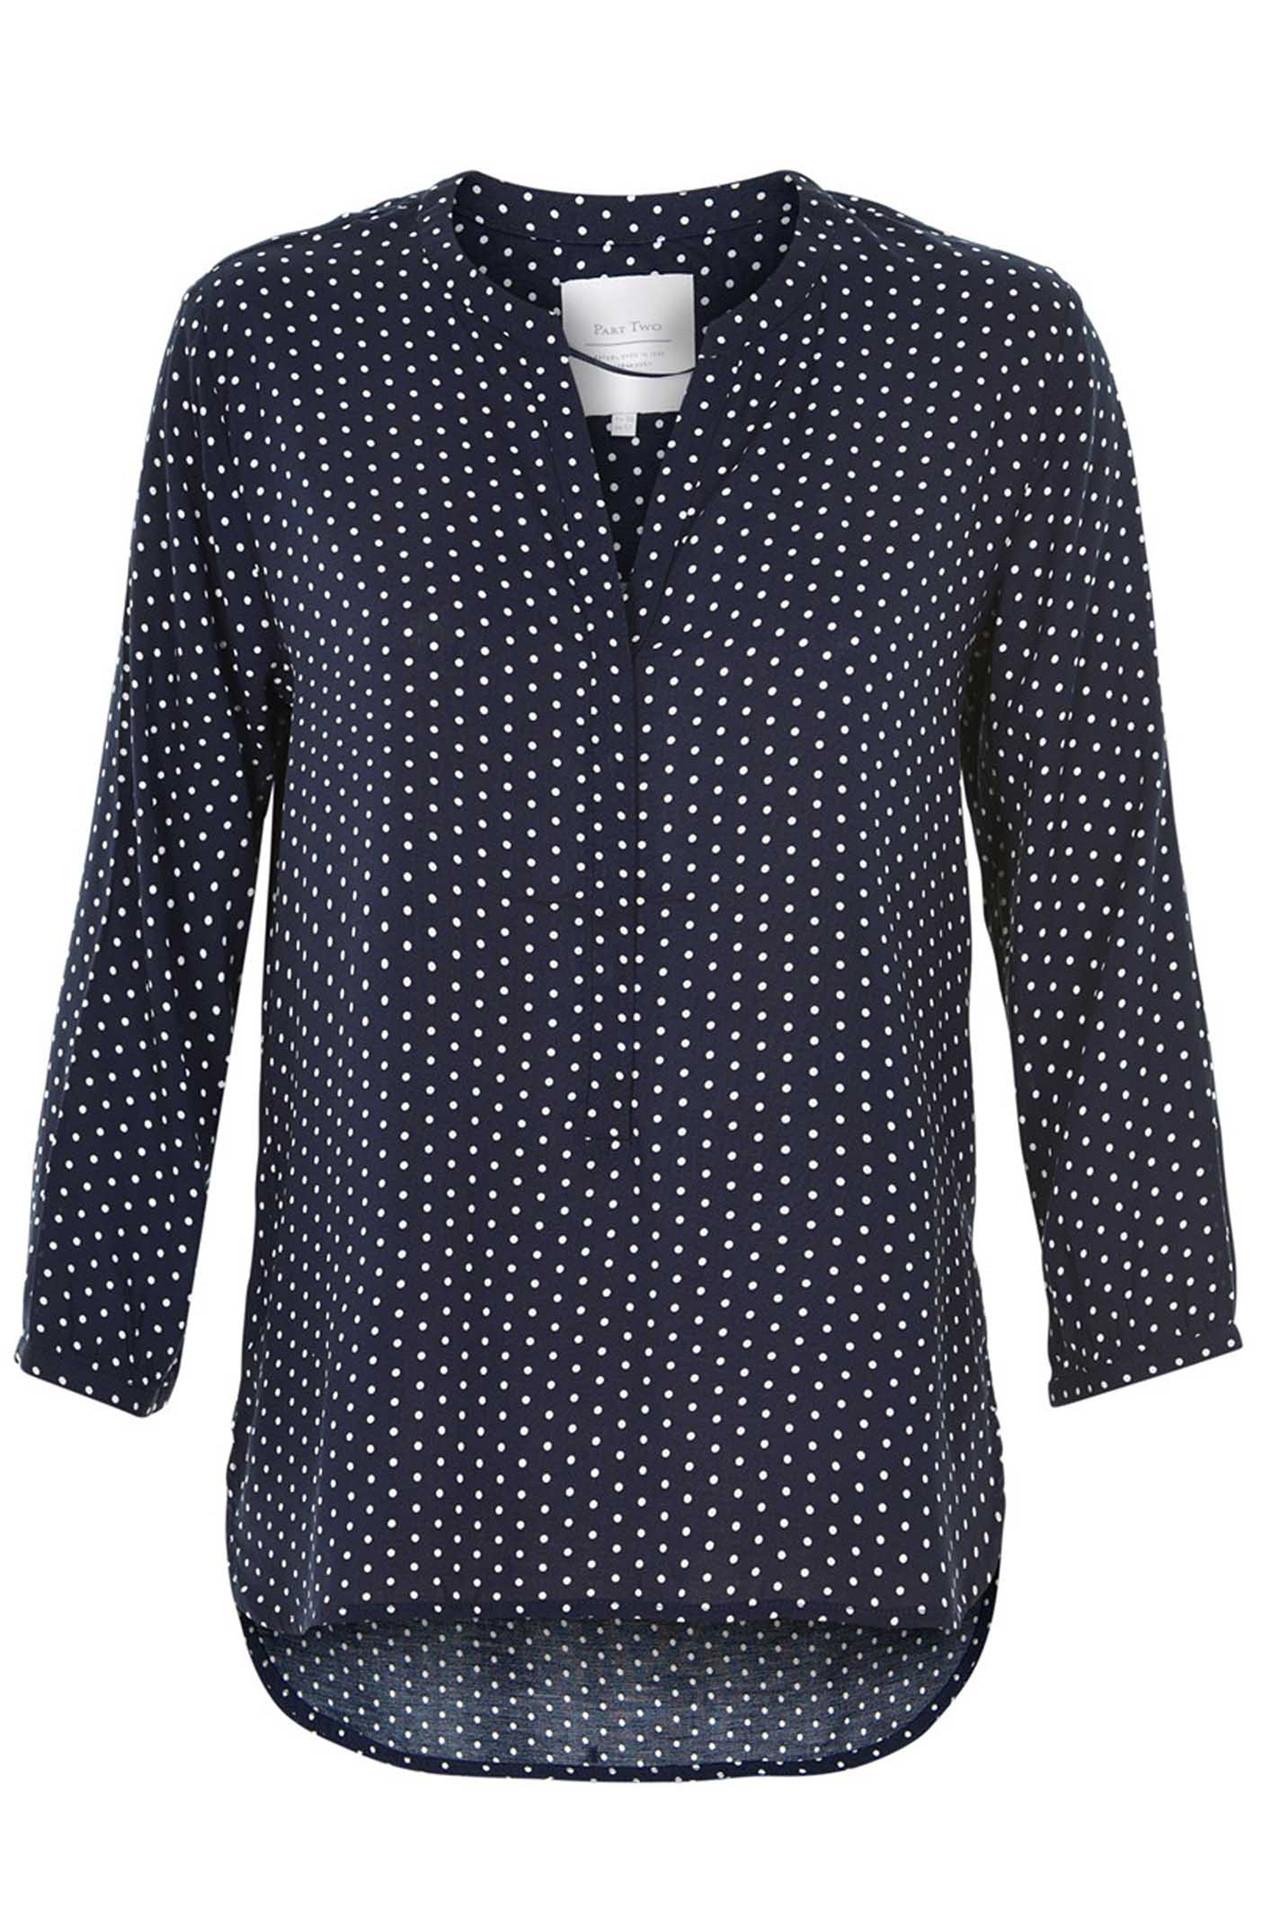 07fb2163 CHICHI BL 30302218 NAVY Bluse fra Part Two - Køb bluse online her